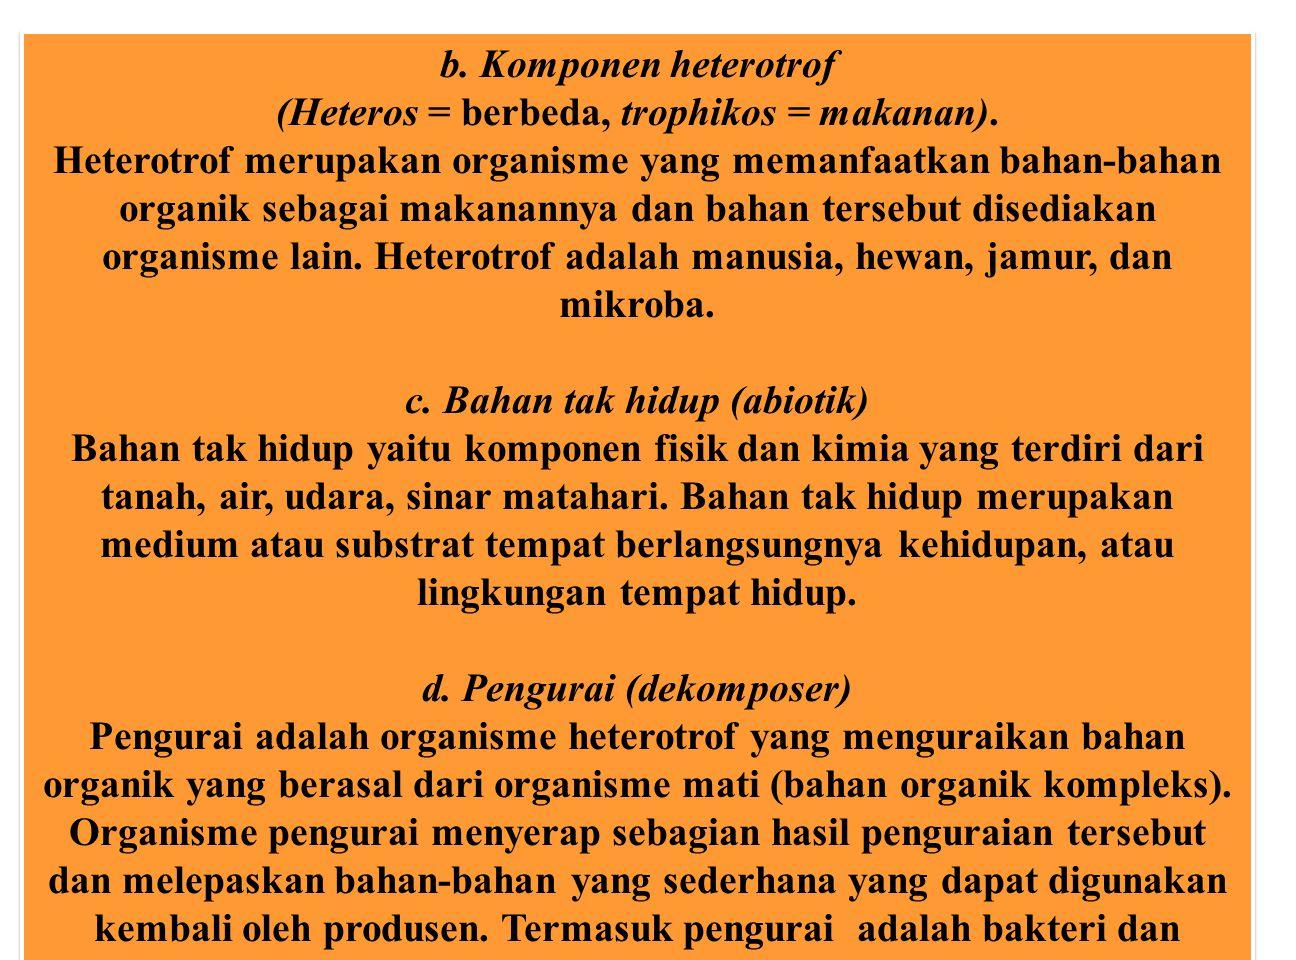 b. Komponen heterotrof (Heteros = berbeda, trophikos = makanan). Heterotrof merupakan organisme yang memanfaatkan bahan-bahan organik sebagai makanann